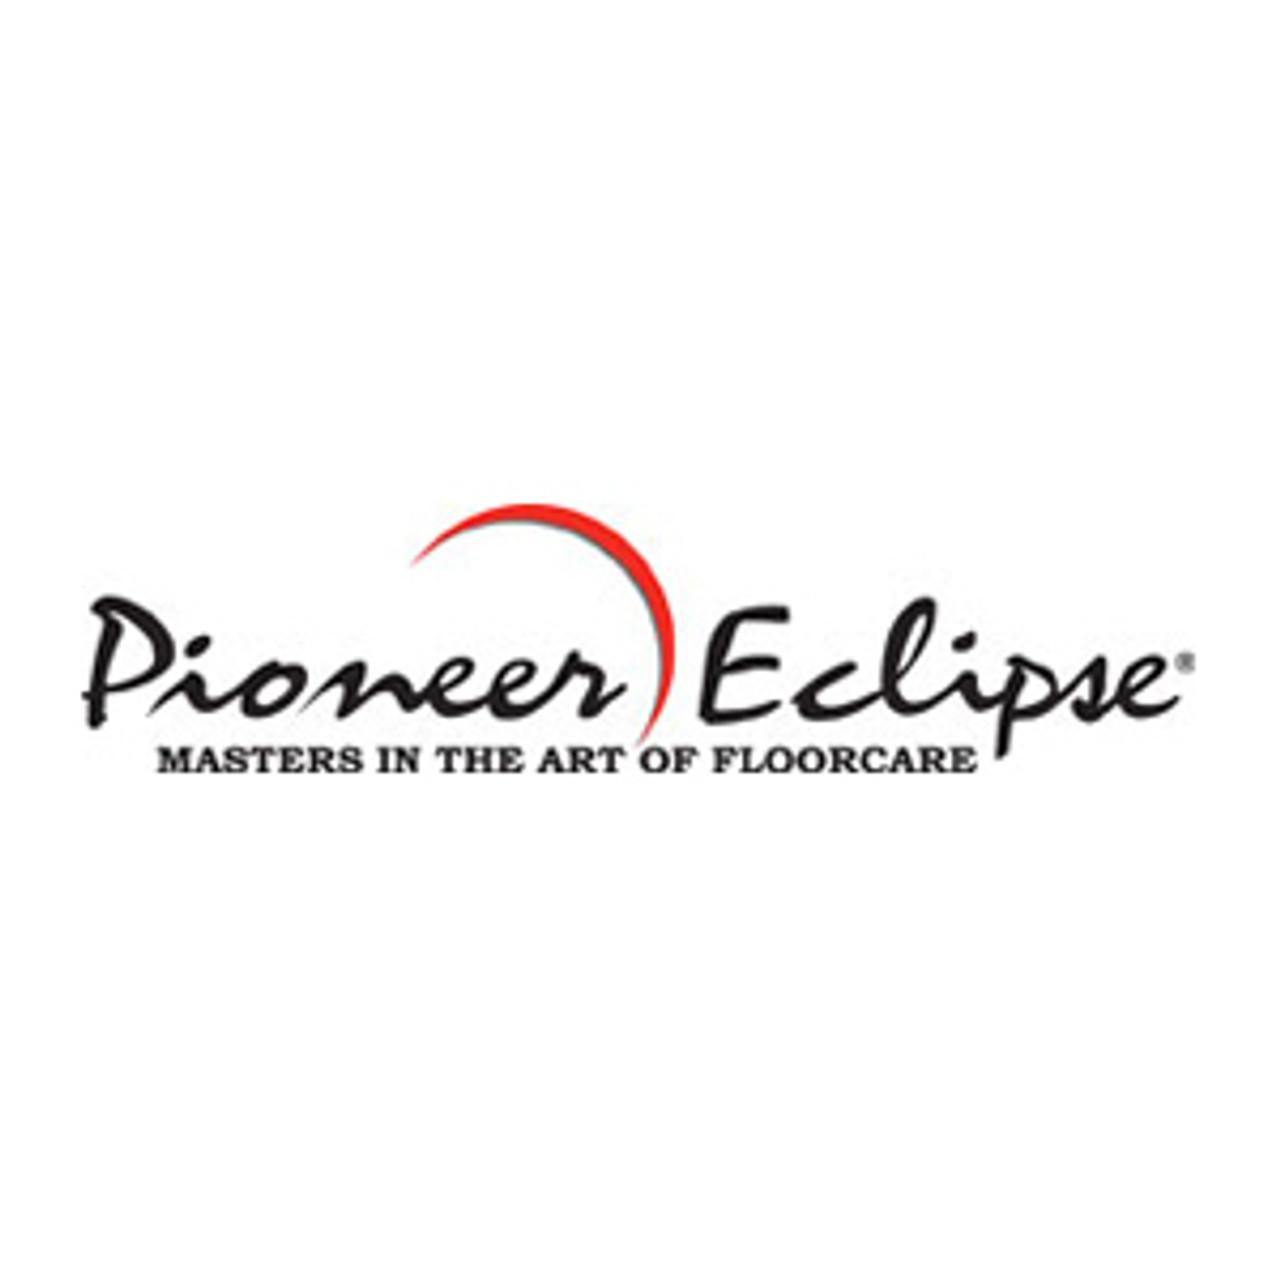 medium resolution of pioneer eclipse parts 92470 1485528319 1280 1280 01378 1485535862 jpg c 2 imbypass on